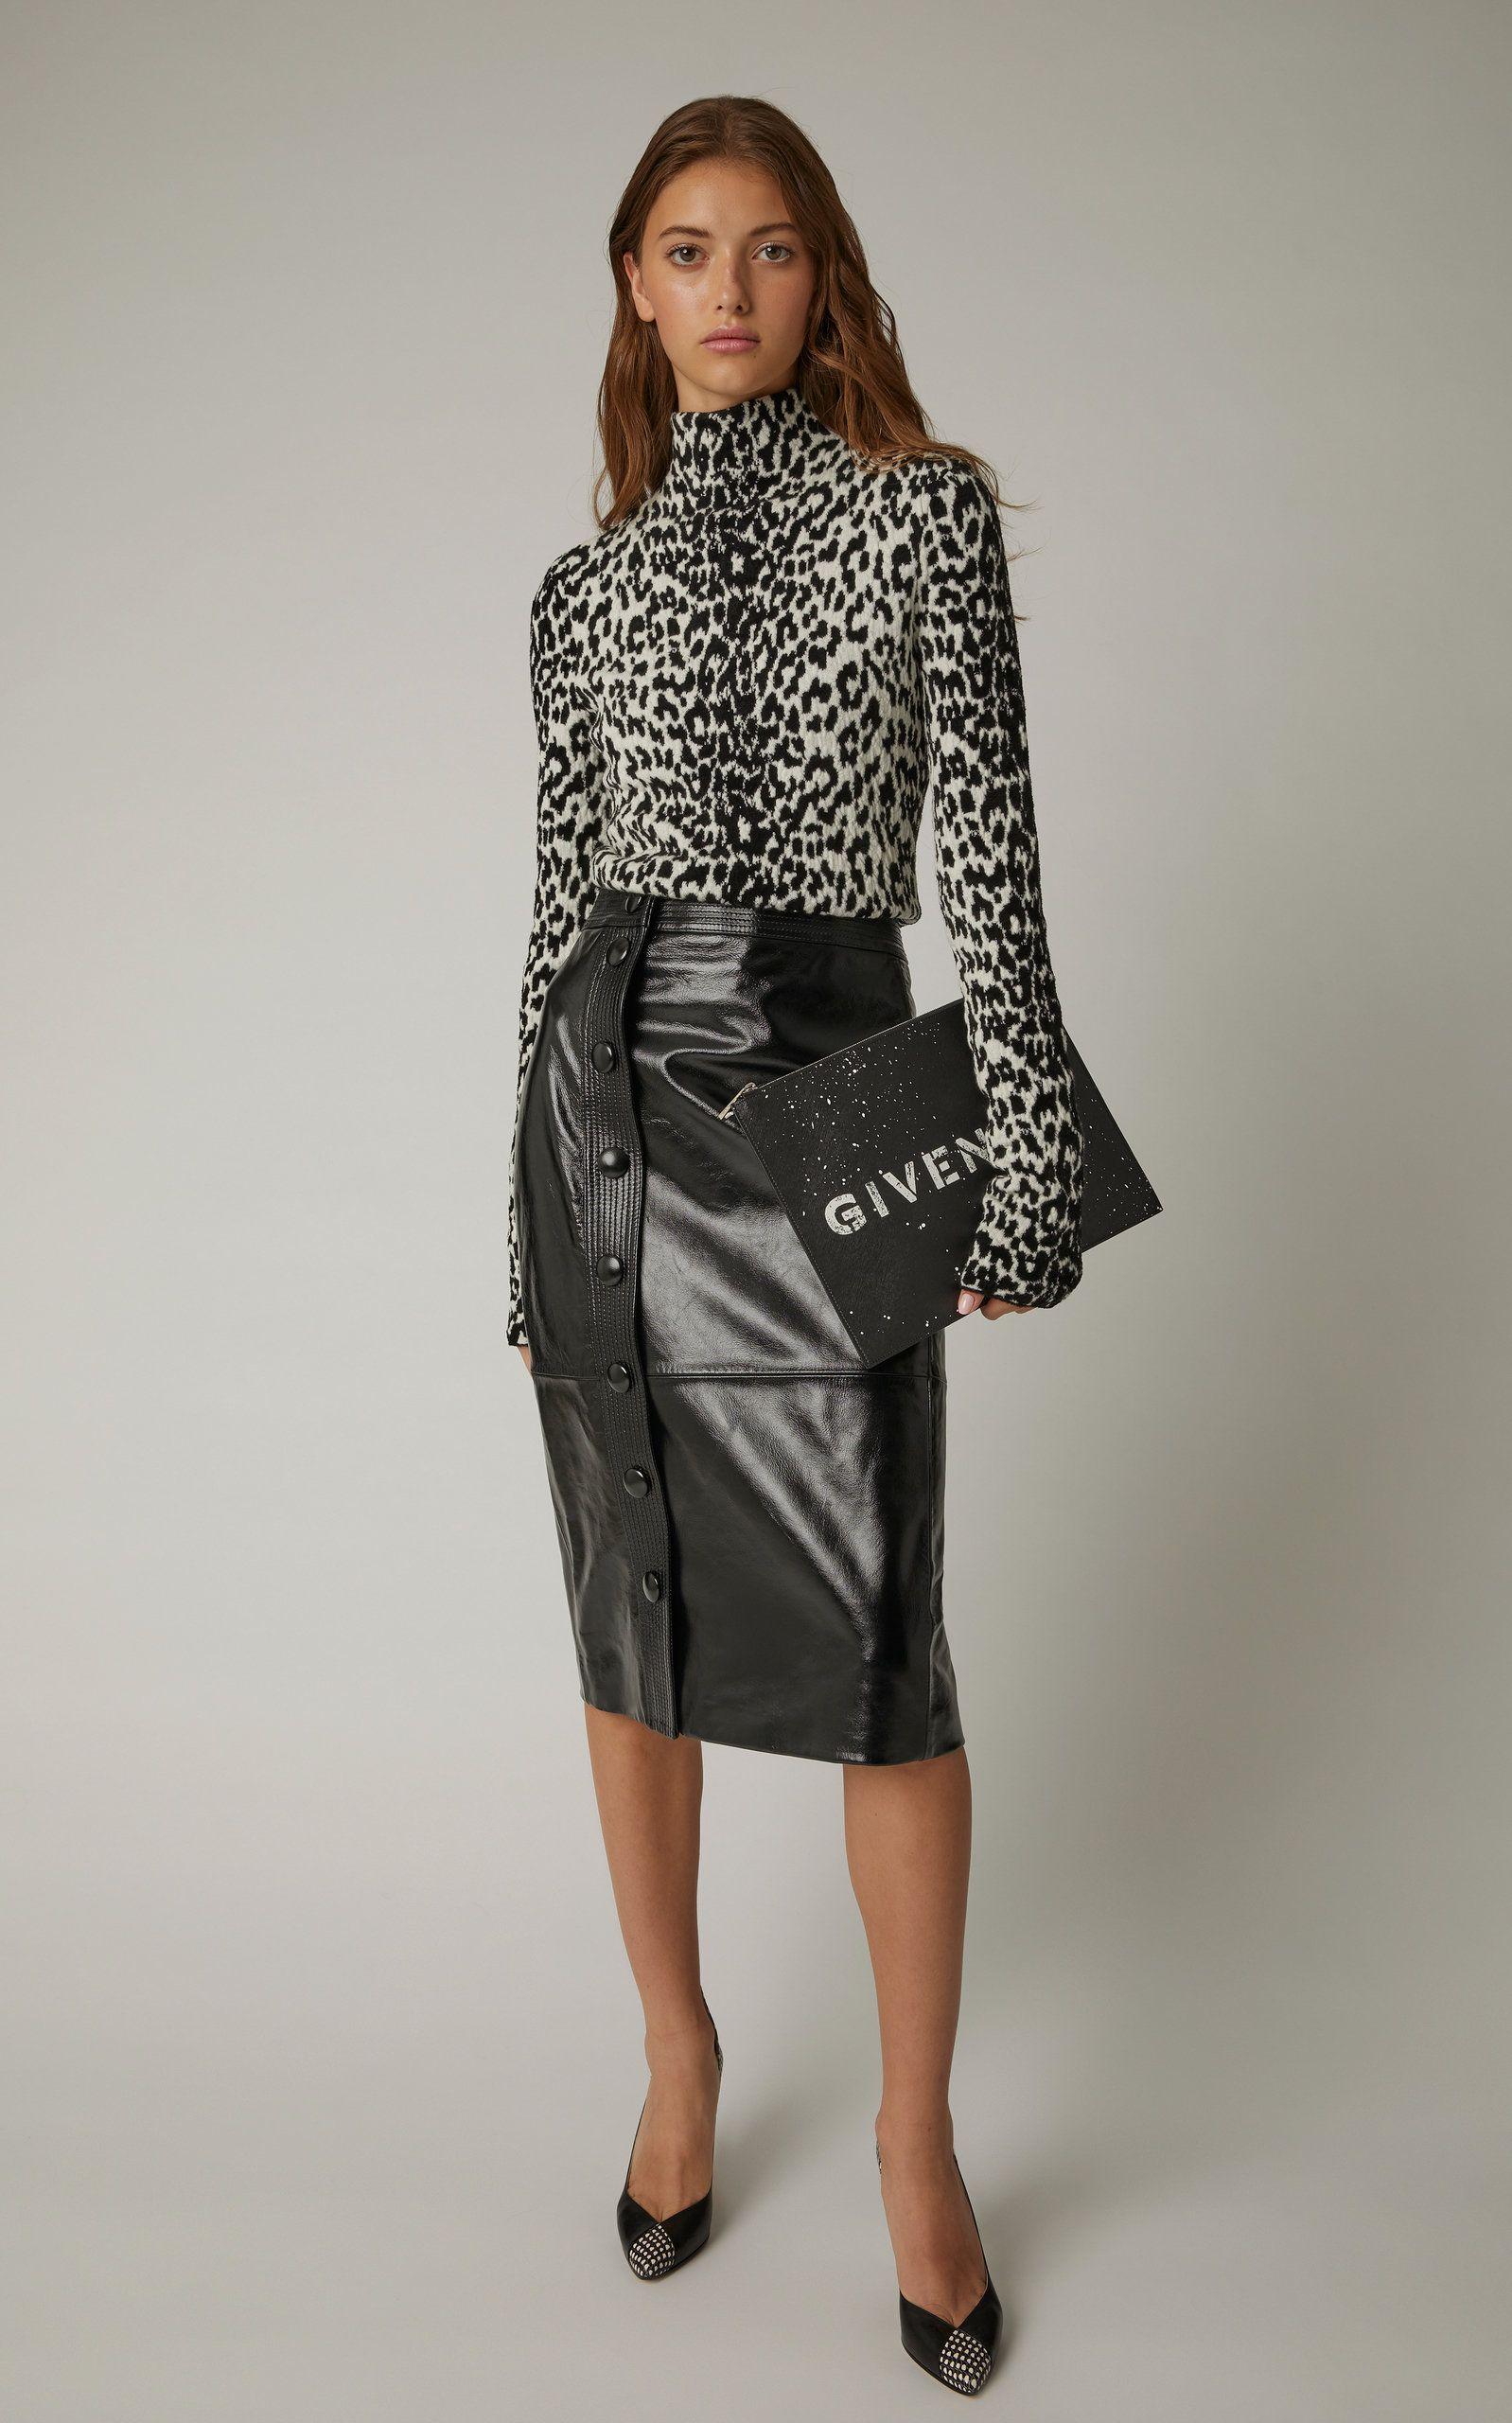 Button Front Faux Leather Midi Skirt - FINAL SALE   Faux